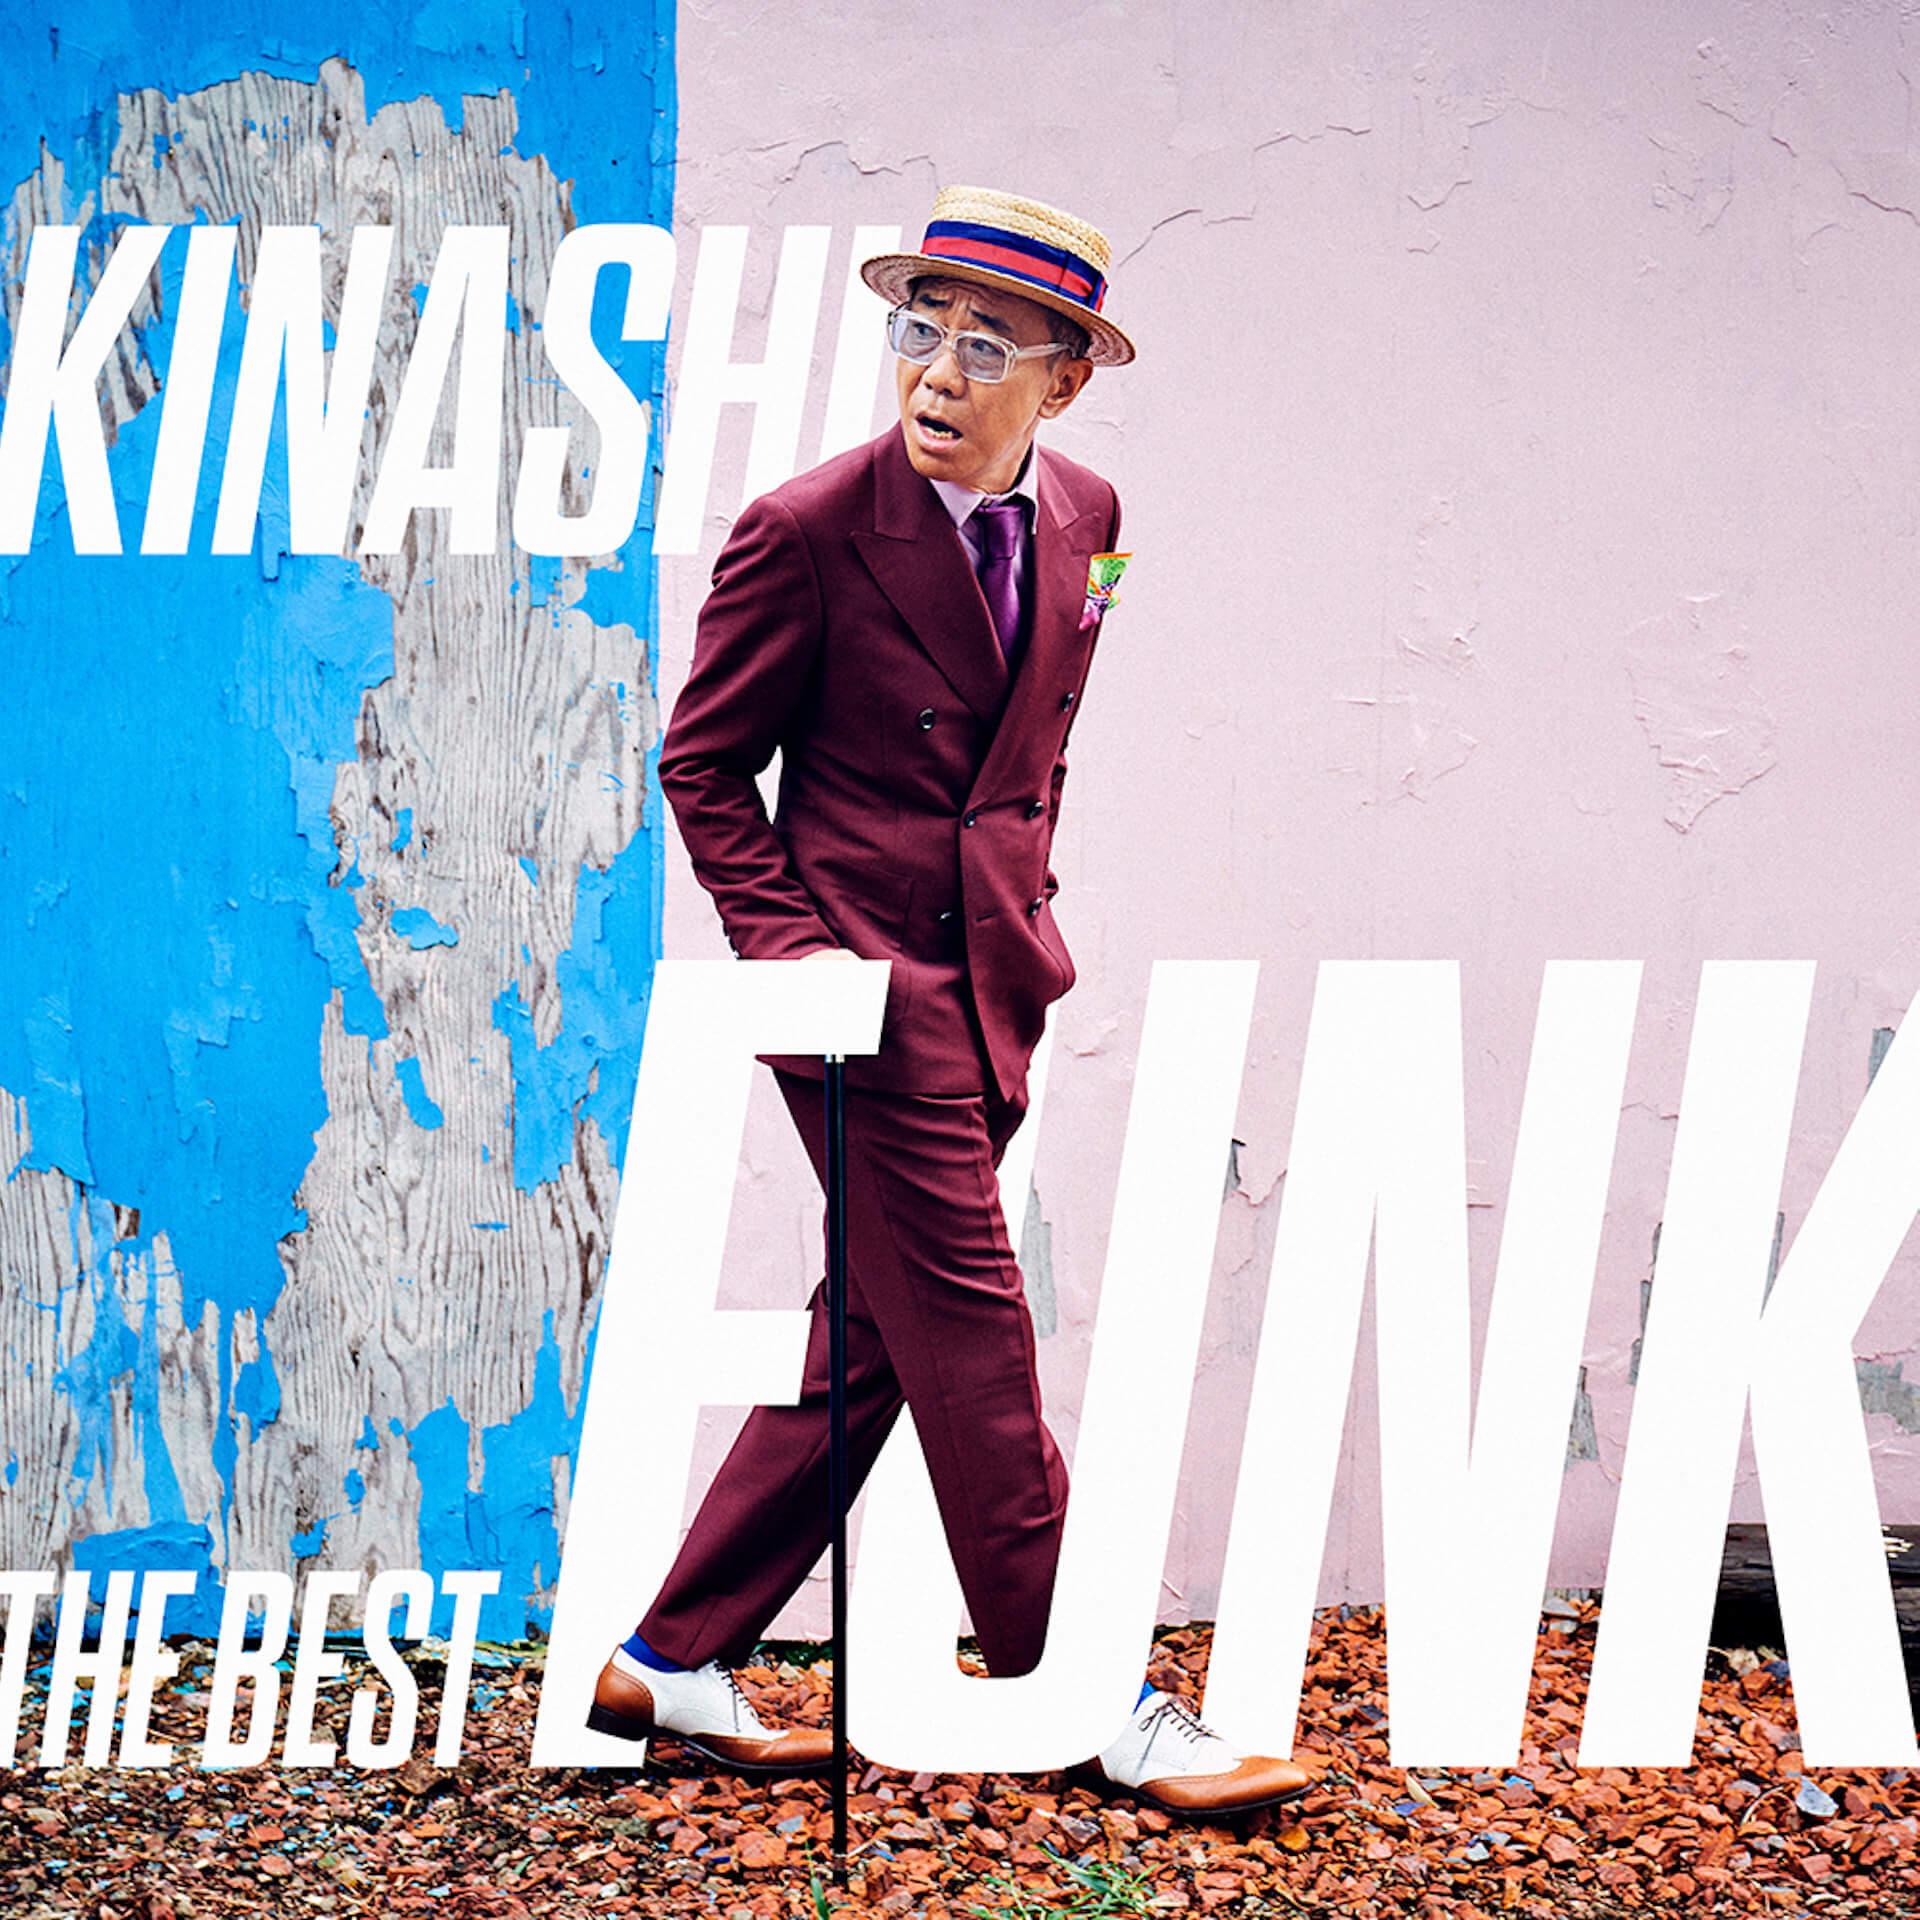 木梨憲武1stソロアルバム『木梨ファンク ザ・ベスト』がiTunes総合ランキング1位に!本日『FNS歌謡祭第2夜』にも出演 music191211_kinashifunk_2